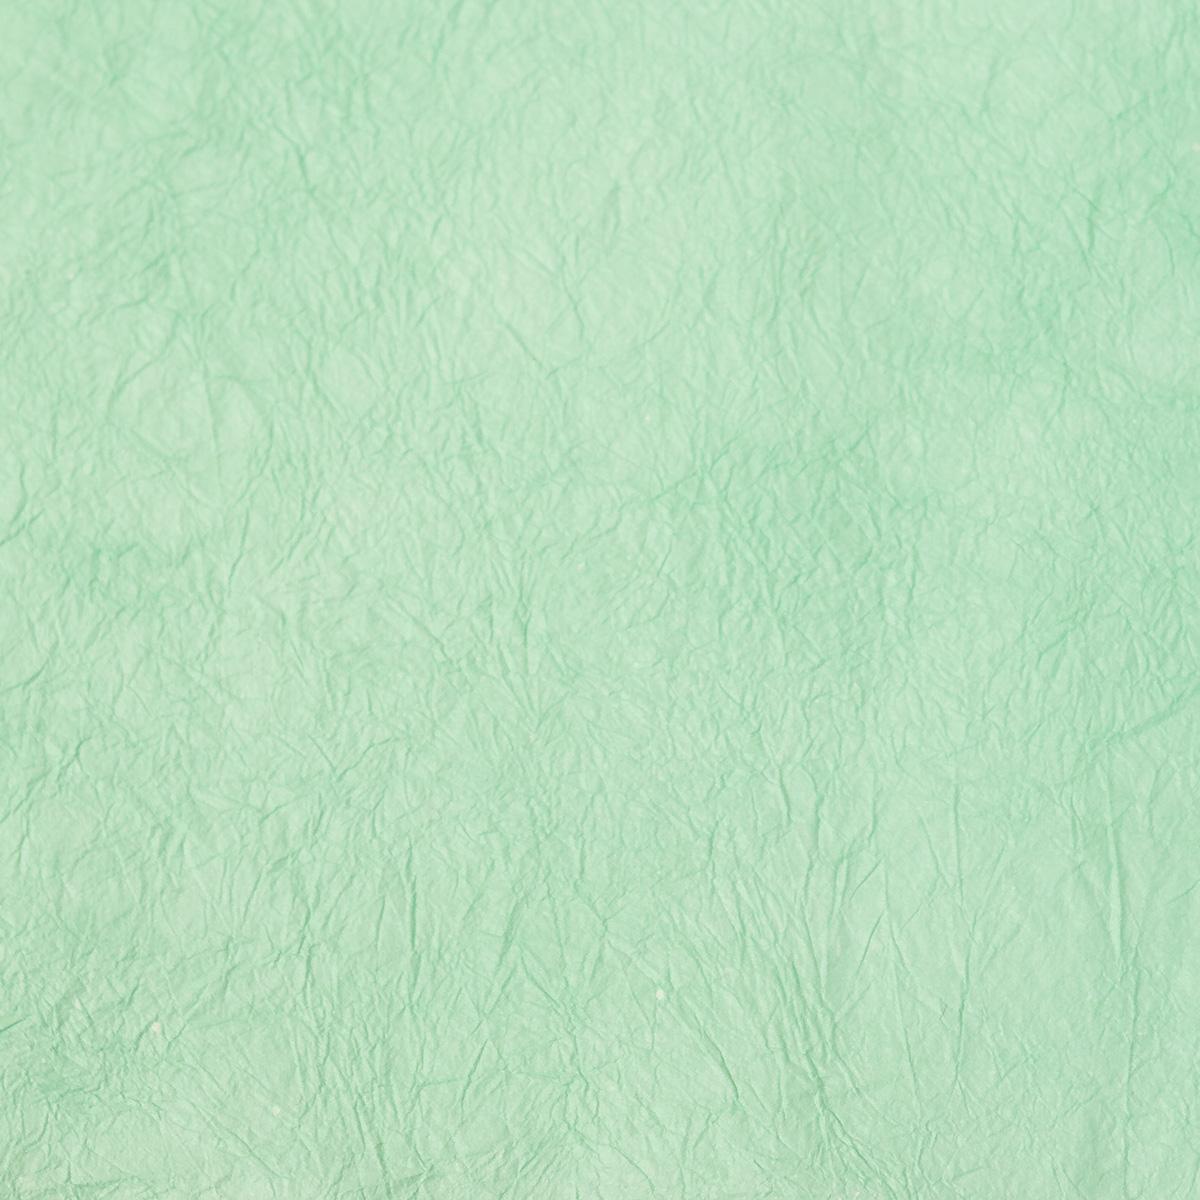 王朝のそめいろ 薄口 42番 白藍色